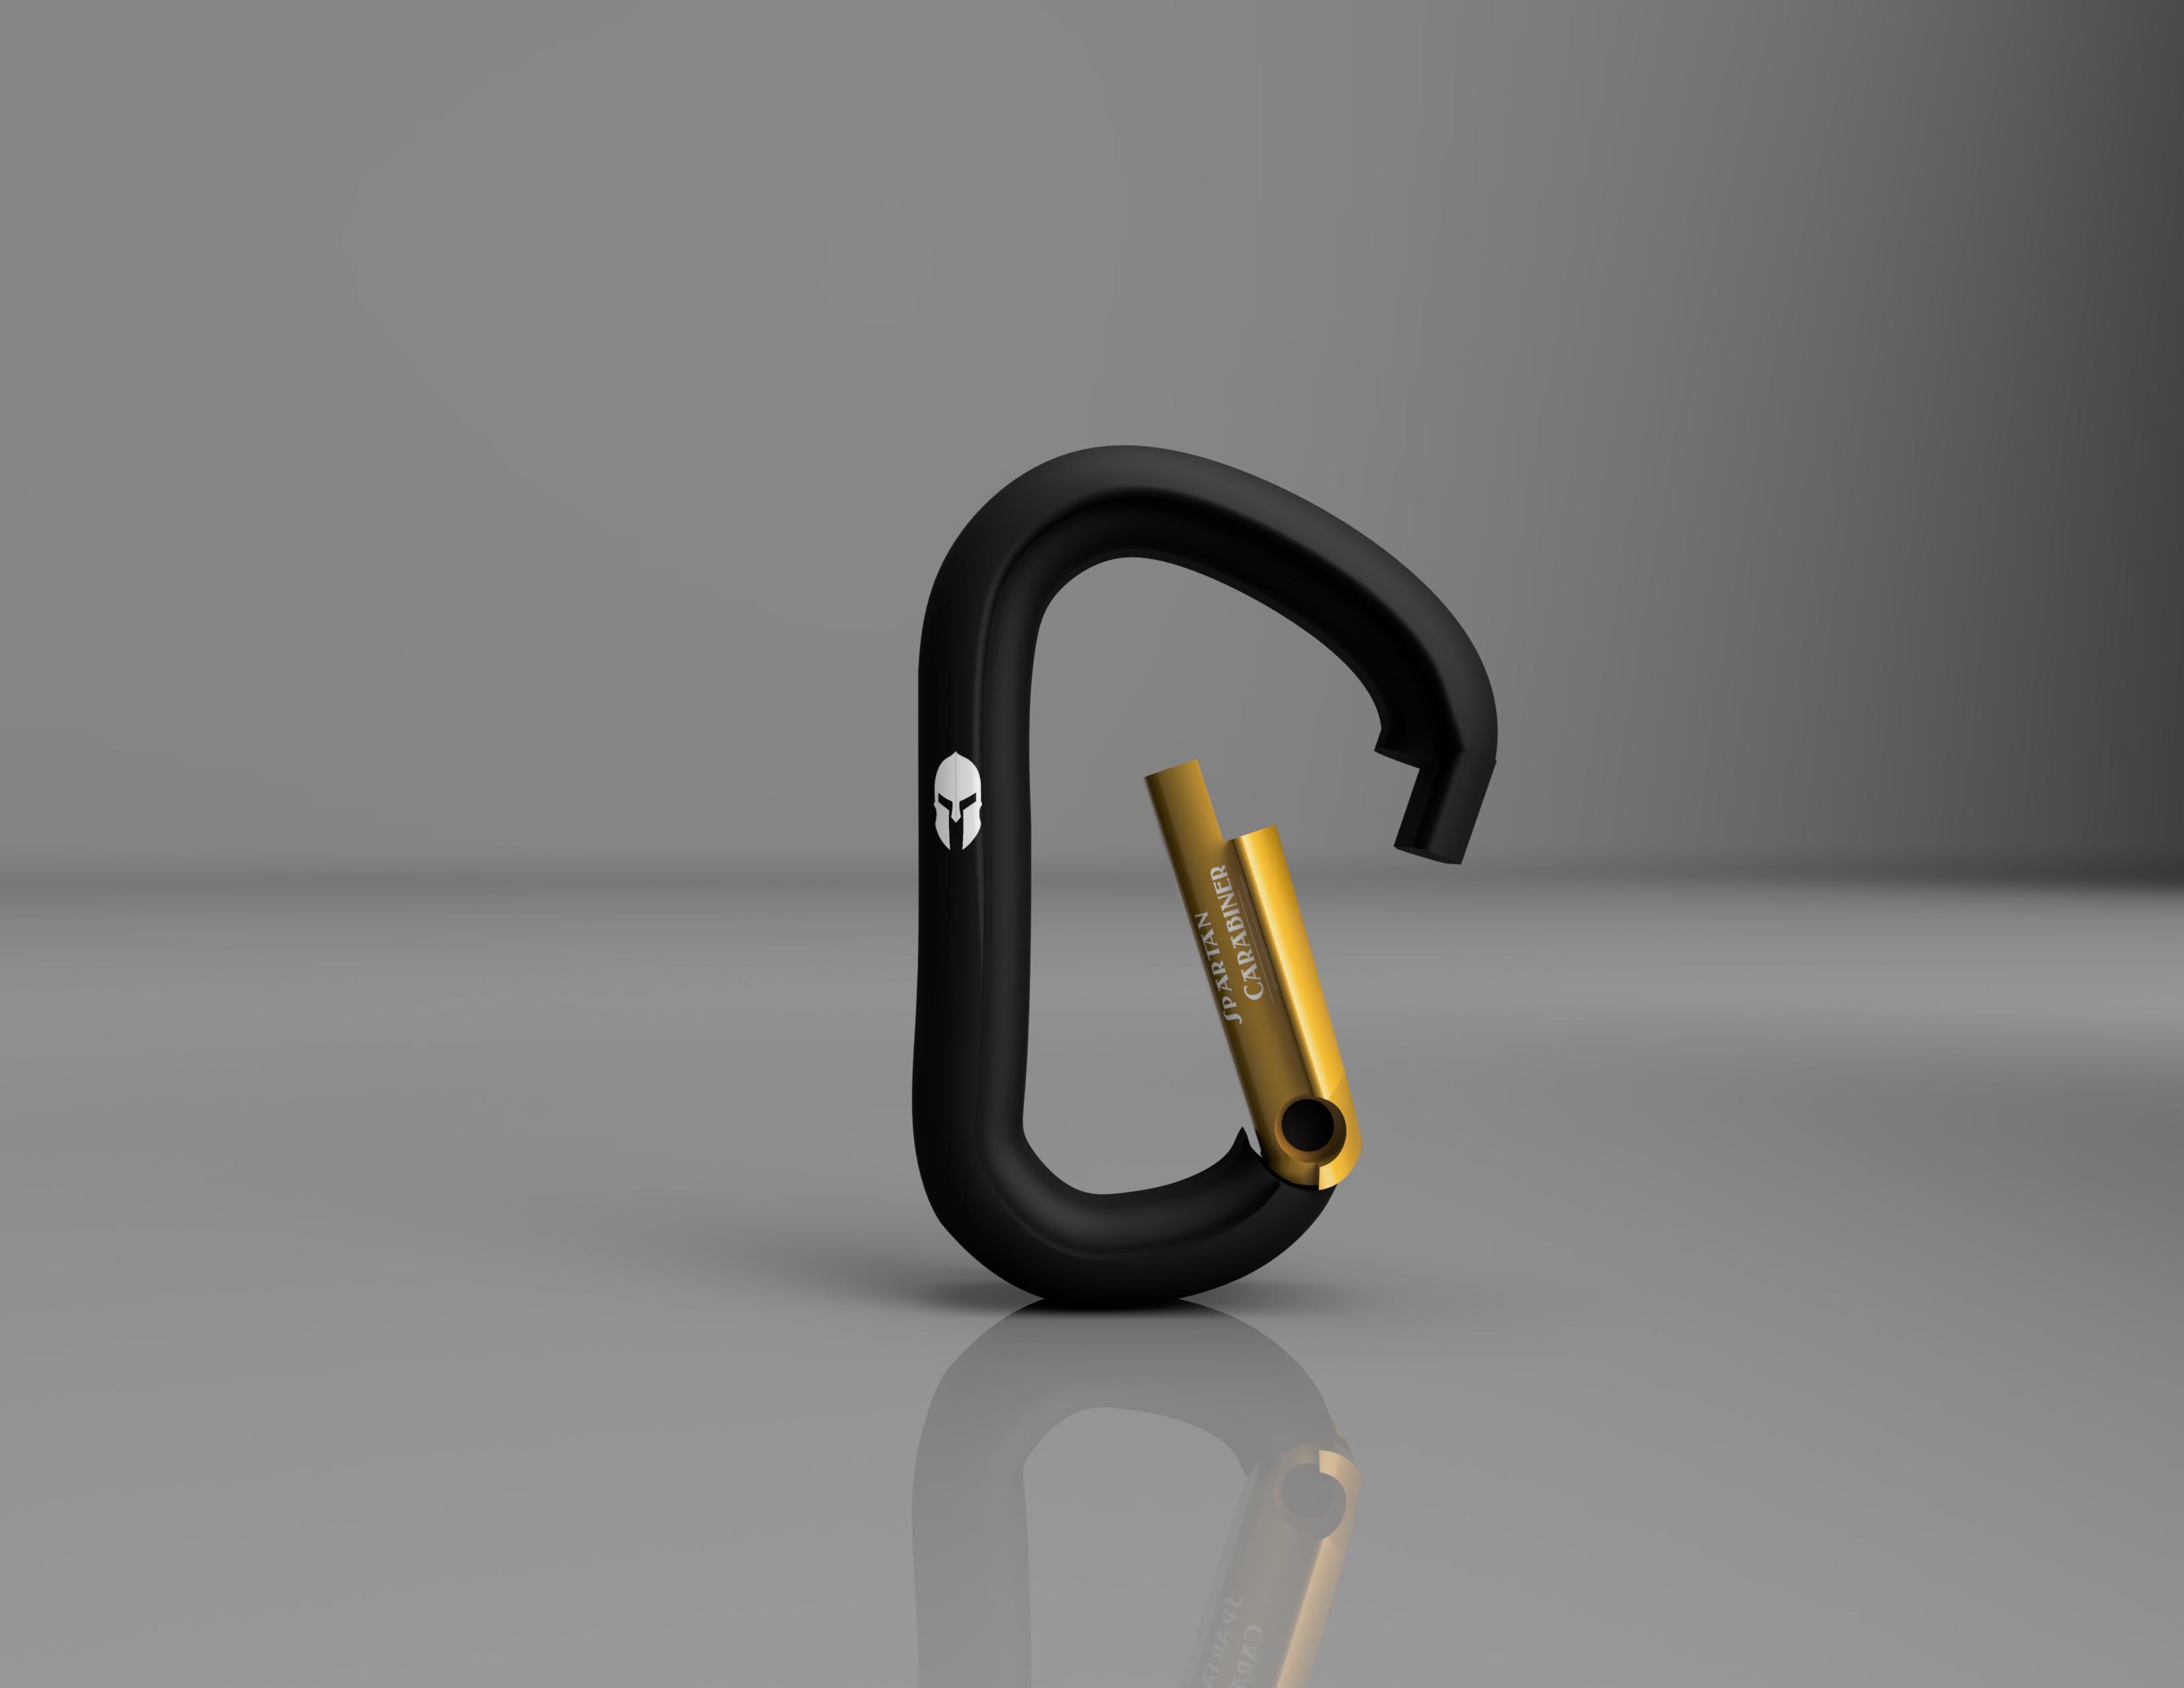 Mosqueton_Black_Diamong_2019-Oct-31_05-38-12AM-000_CustomizedView8527058973_jpg.jpg Download STL file Carabiner / Carabineer - Spartan Carabiner - • 3D printable design, CHKDesign